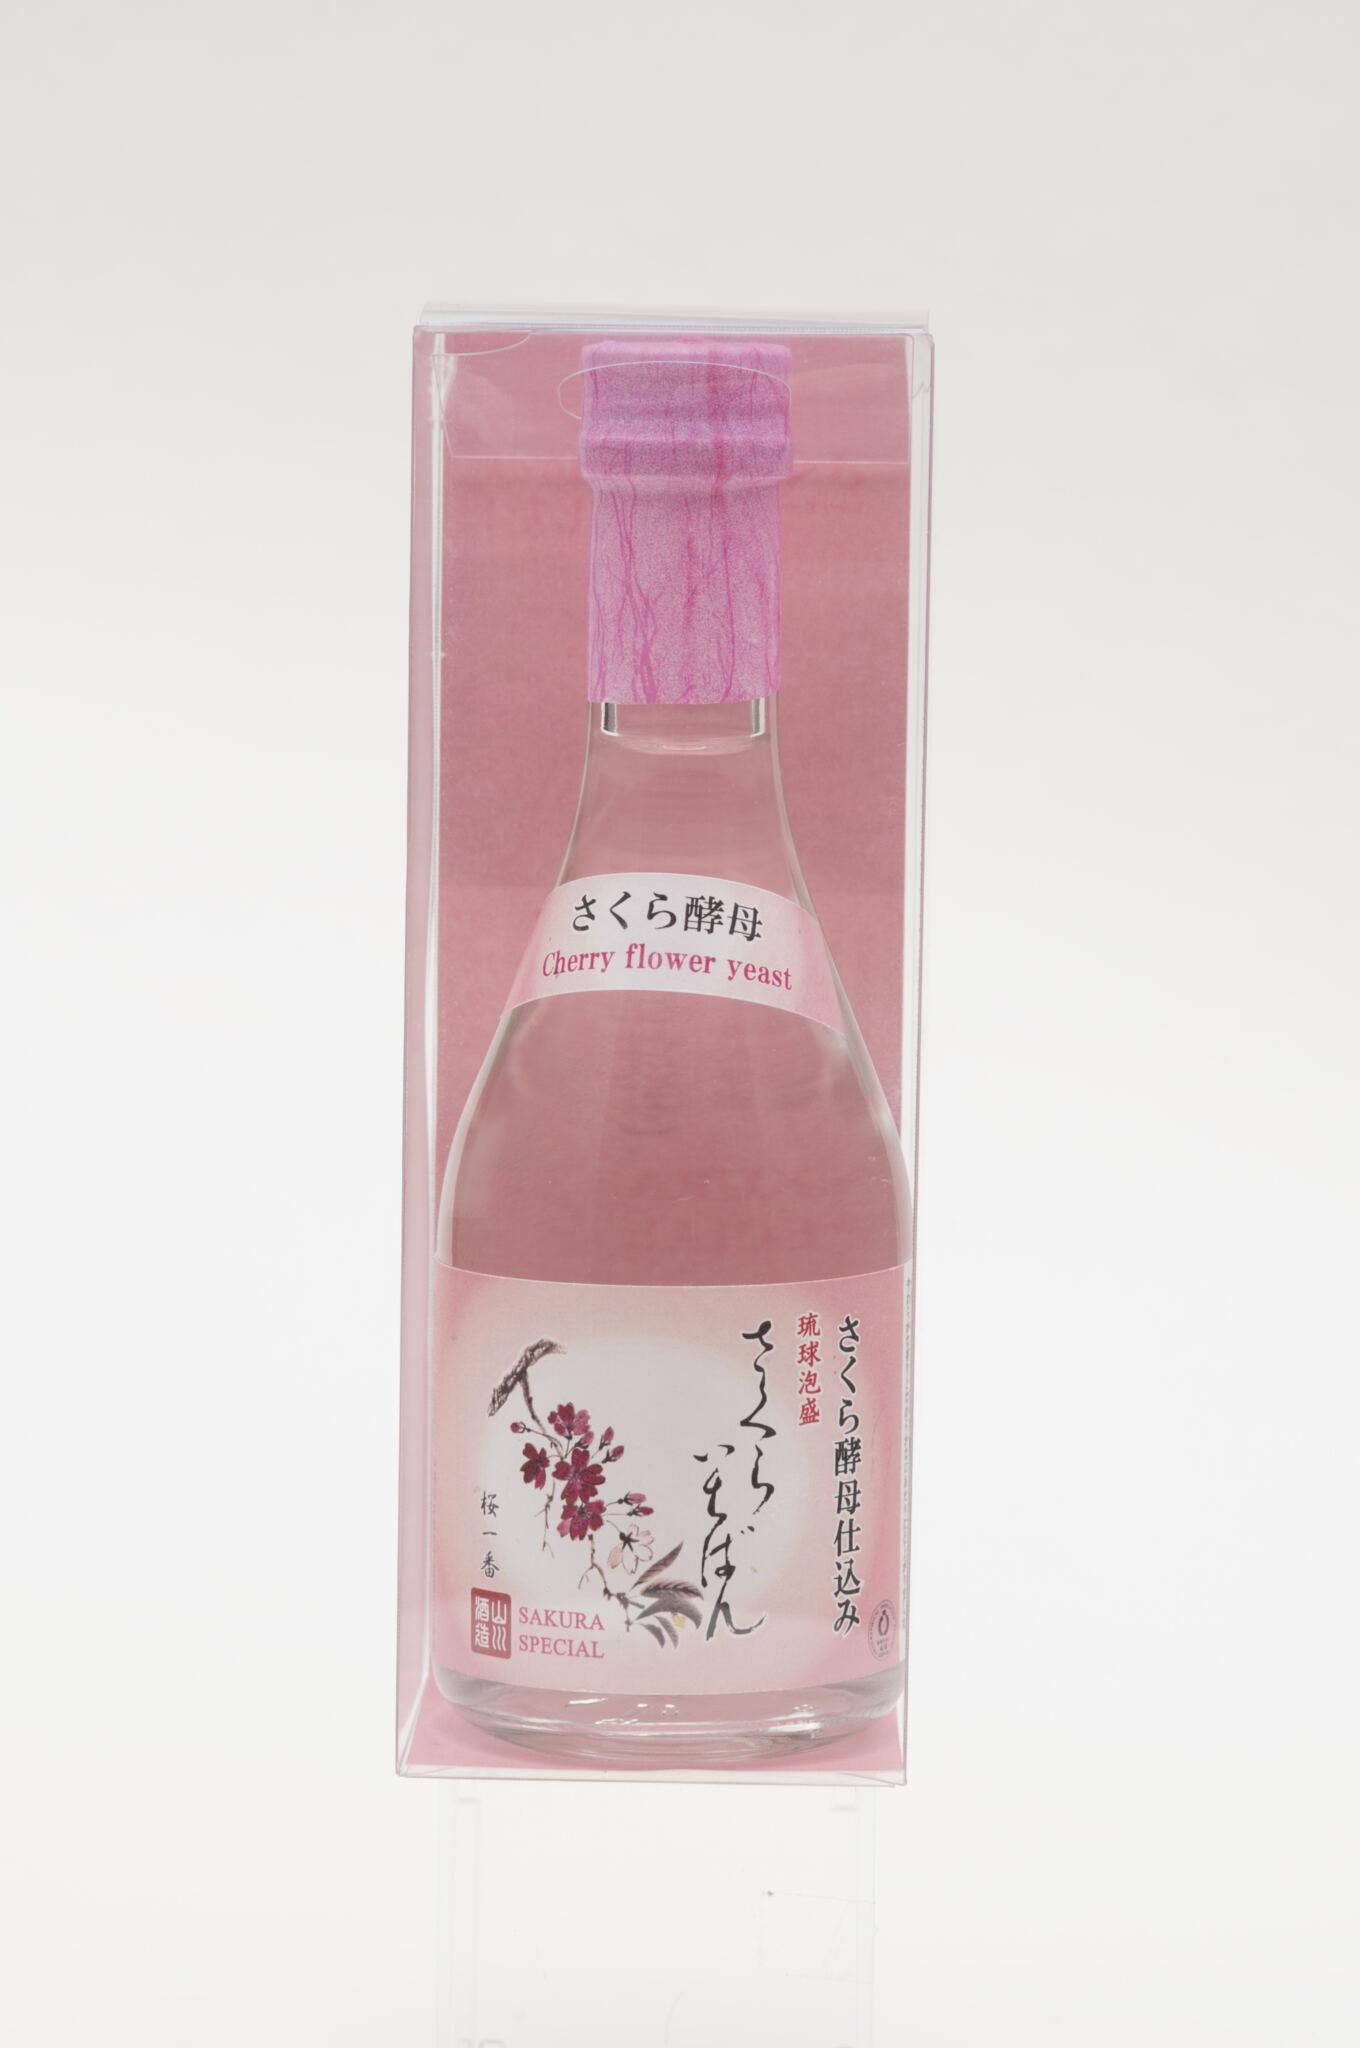 沖縄に桜の季節到来!! 八重岳の桜のさくら酵母仕込み